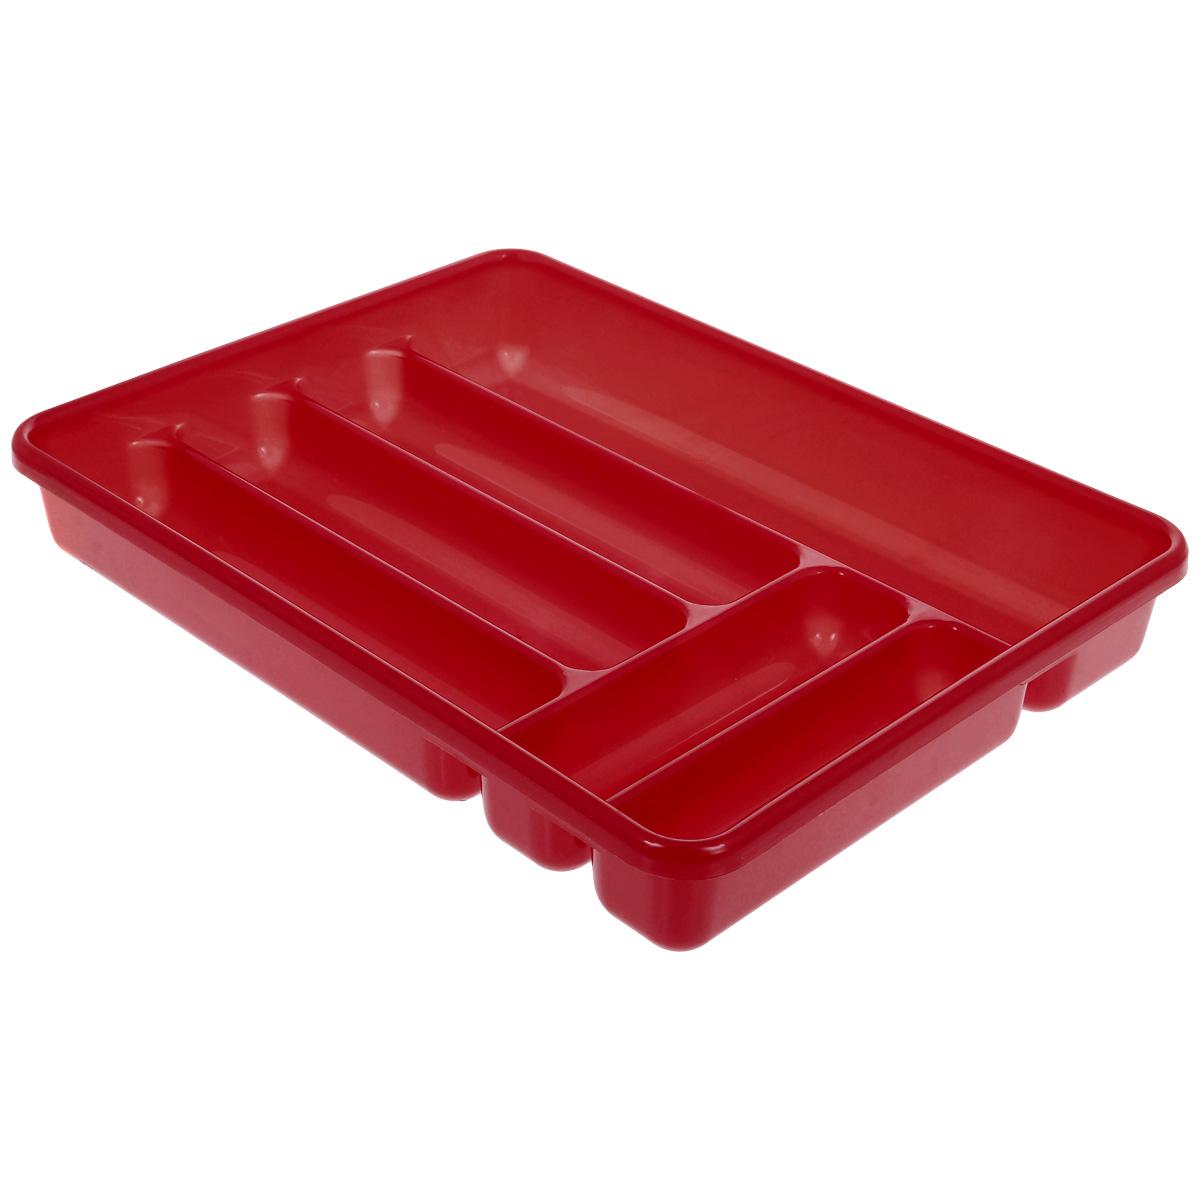 Лоток для столовых приборов Cosmoplast, цвет: красный, 6 отделенийVT-1520(SR)Лоток для столовых приборов Cosmoplast изготовлен из высококачественного пищевого пластика. Он предназначен для выдвигающихся ящиков на кухне. Лоток имеет шесть отделений: три отделения для вилок, ложек, ножей, два малых отделения для чайных ложек и десертных вилок, одно большое отделение для остальных приборов.Размер большого отделения: 38,5 см х 8 см.Размер средних отделений: 27 см х 6,5 см.Размер маленьких отделений: 20 см х 5 см.